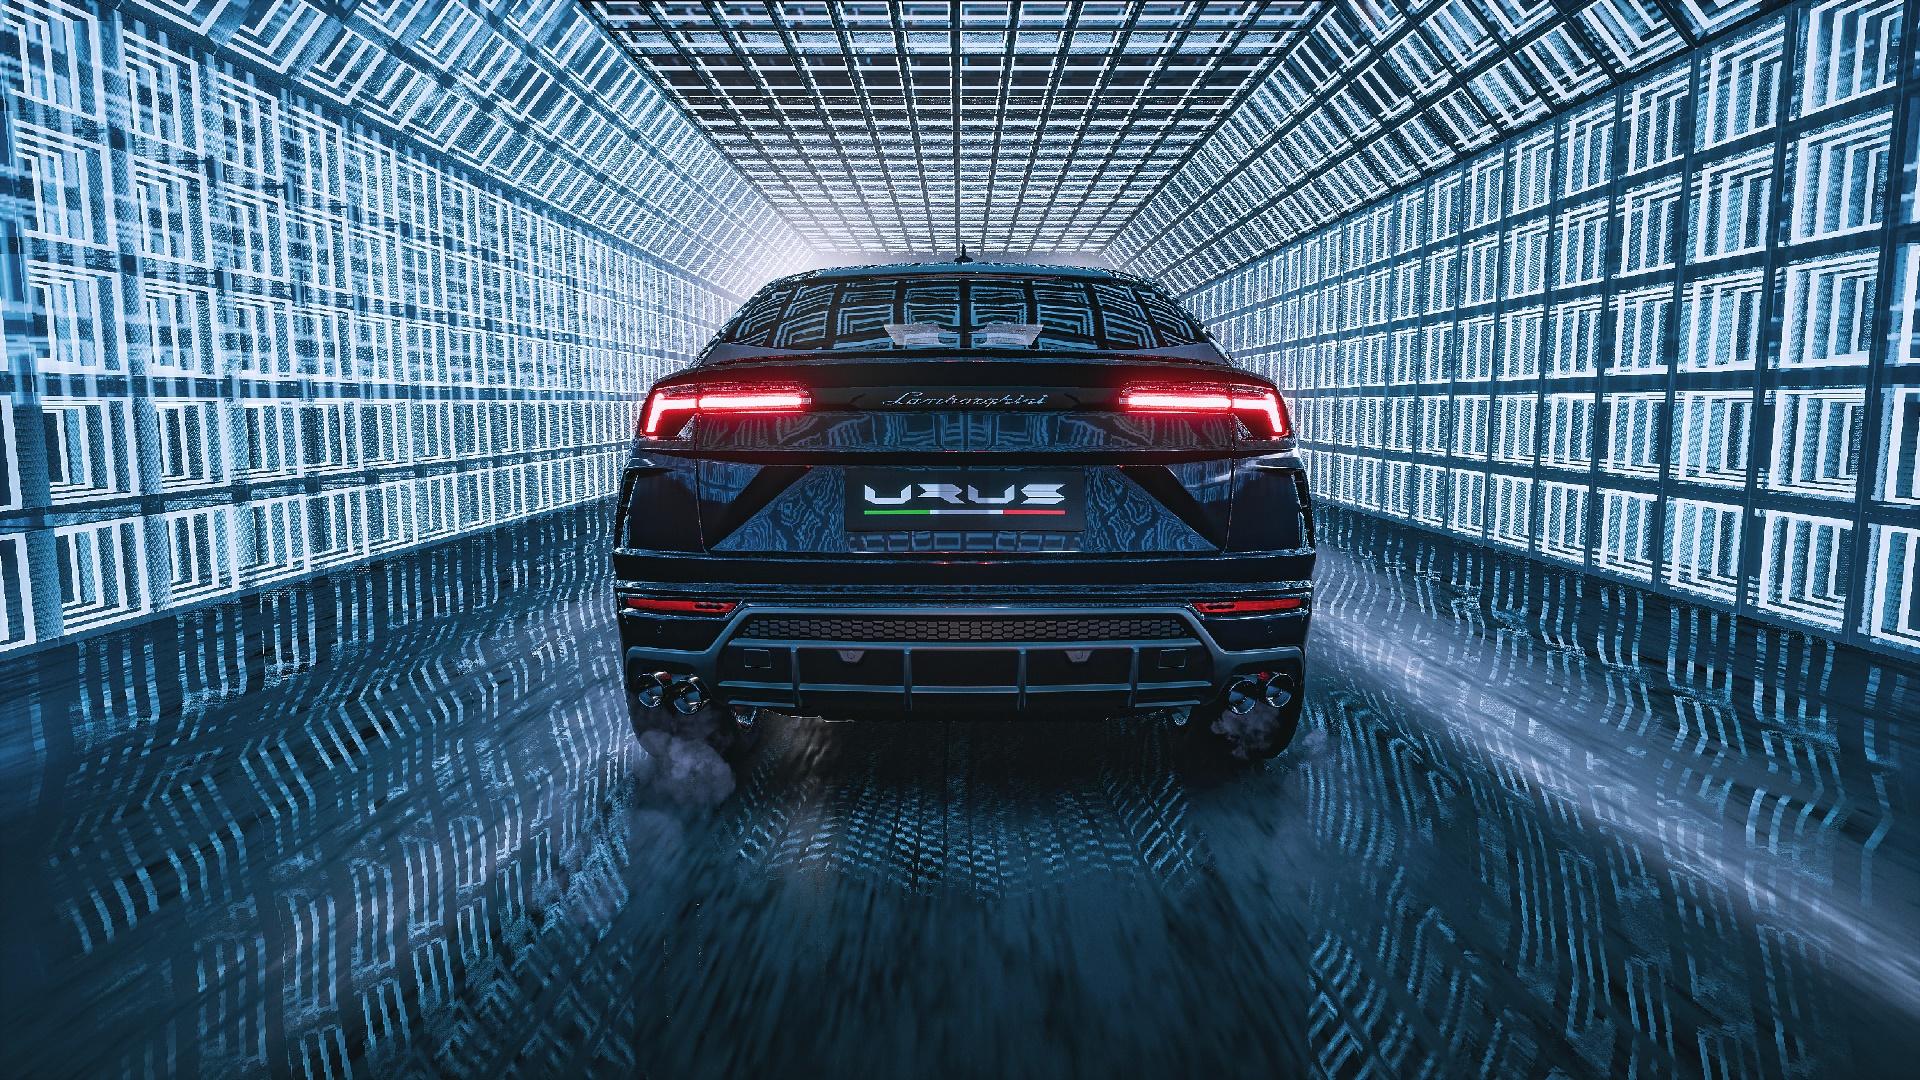 Lamborghini Urus Rear View Hd Wallpaper Backiee Free Ultra Hd